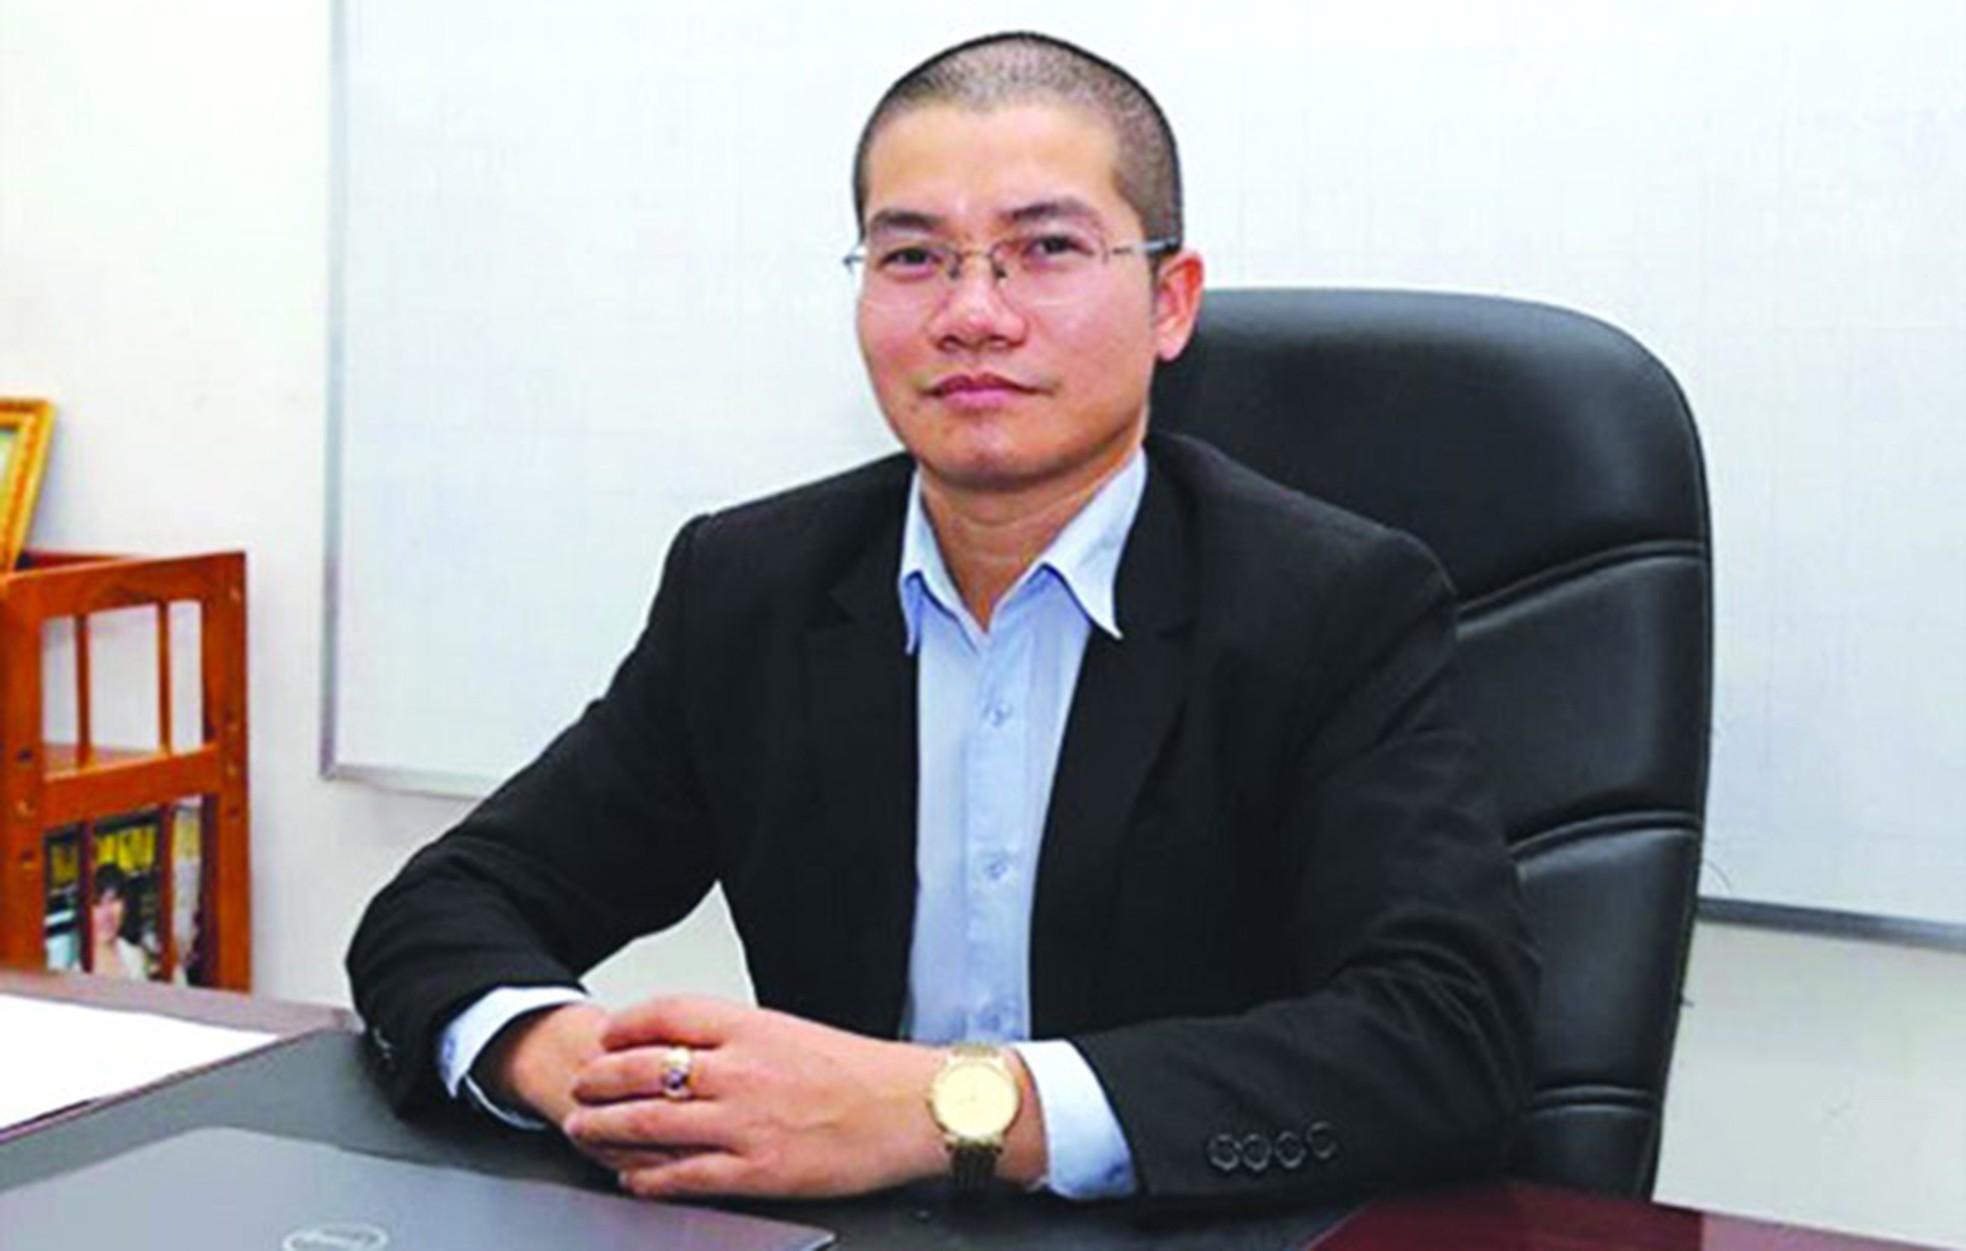 Chủ tịch Địa ốc Alibaba và những dự án 'ma' khắp các tỉnh thành ảnh 6